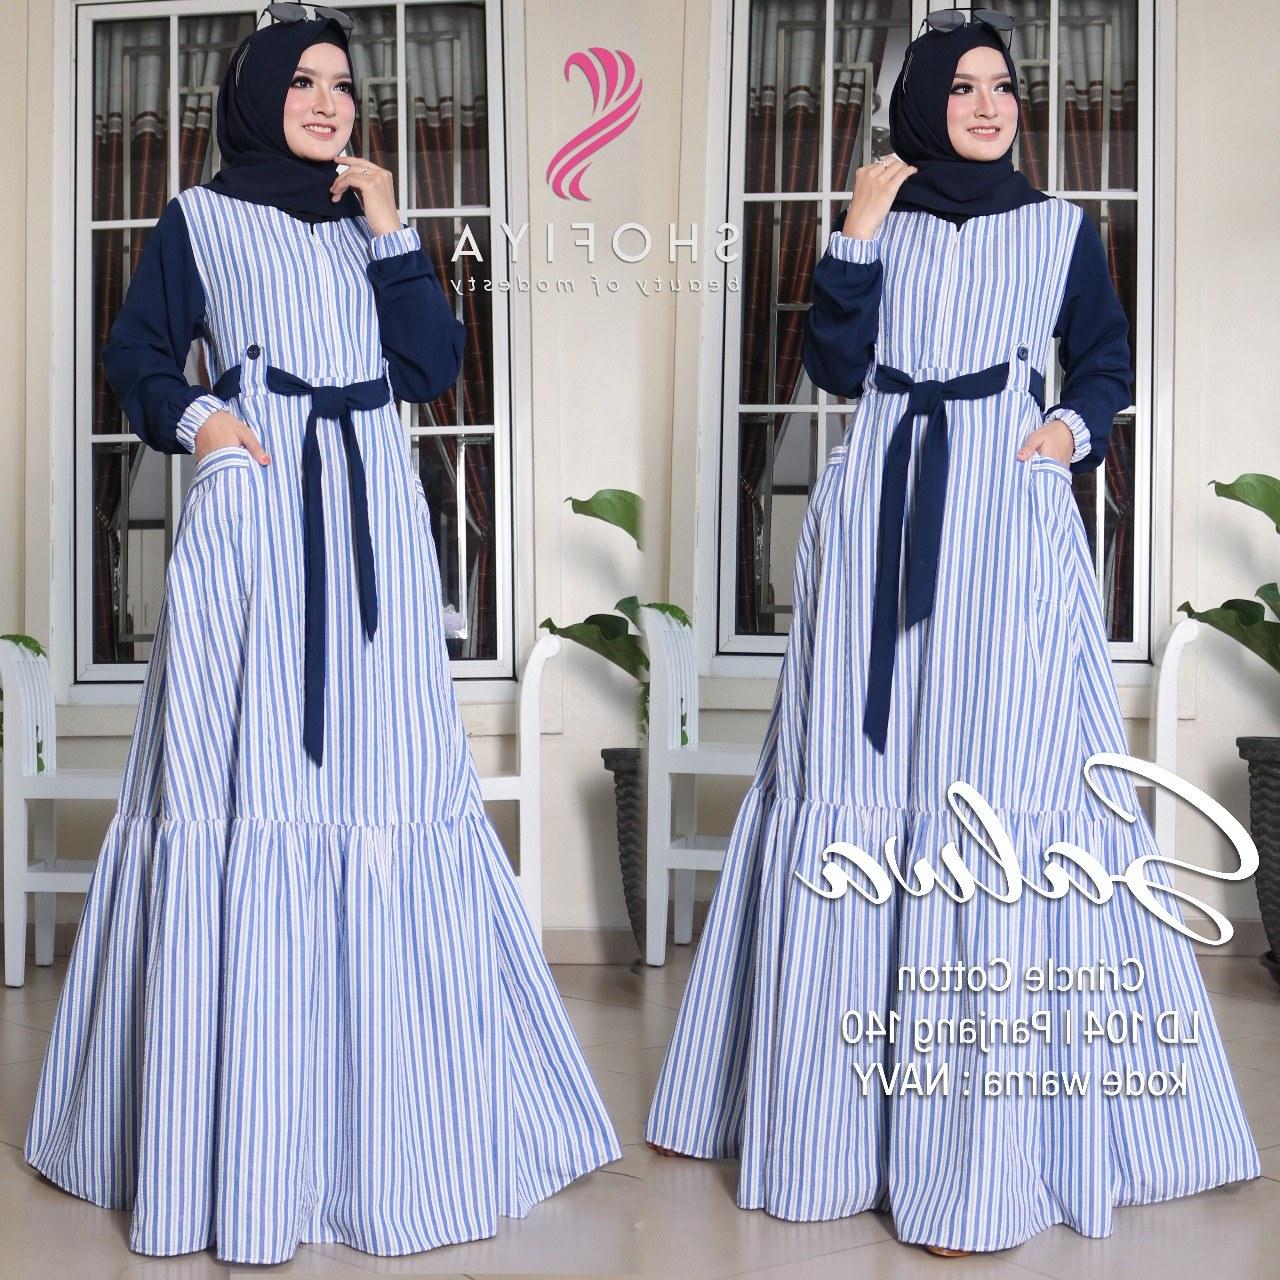 Design Gambar Baju Lebaran S1du Model Baju Lebaran Terbaru Untuk Remaja Gambar islami